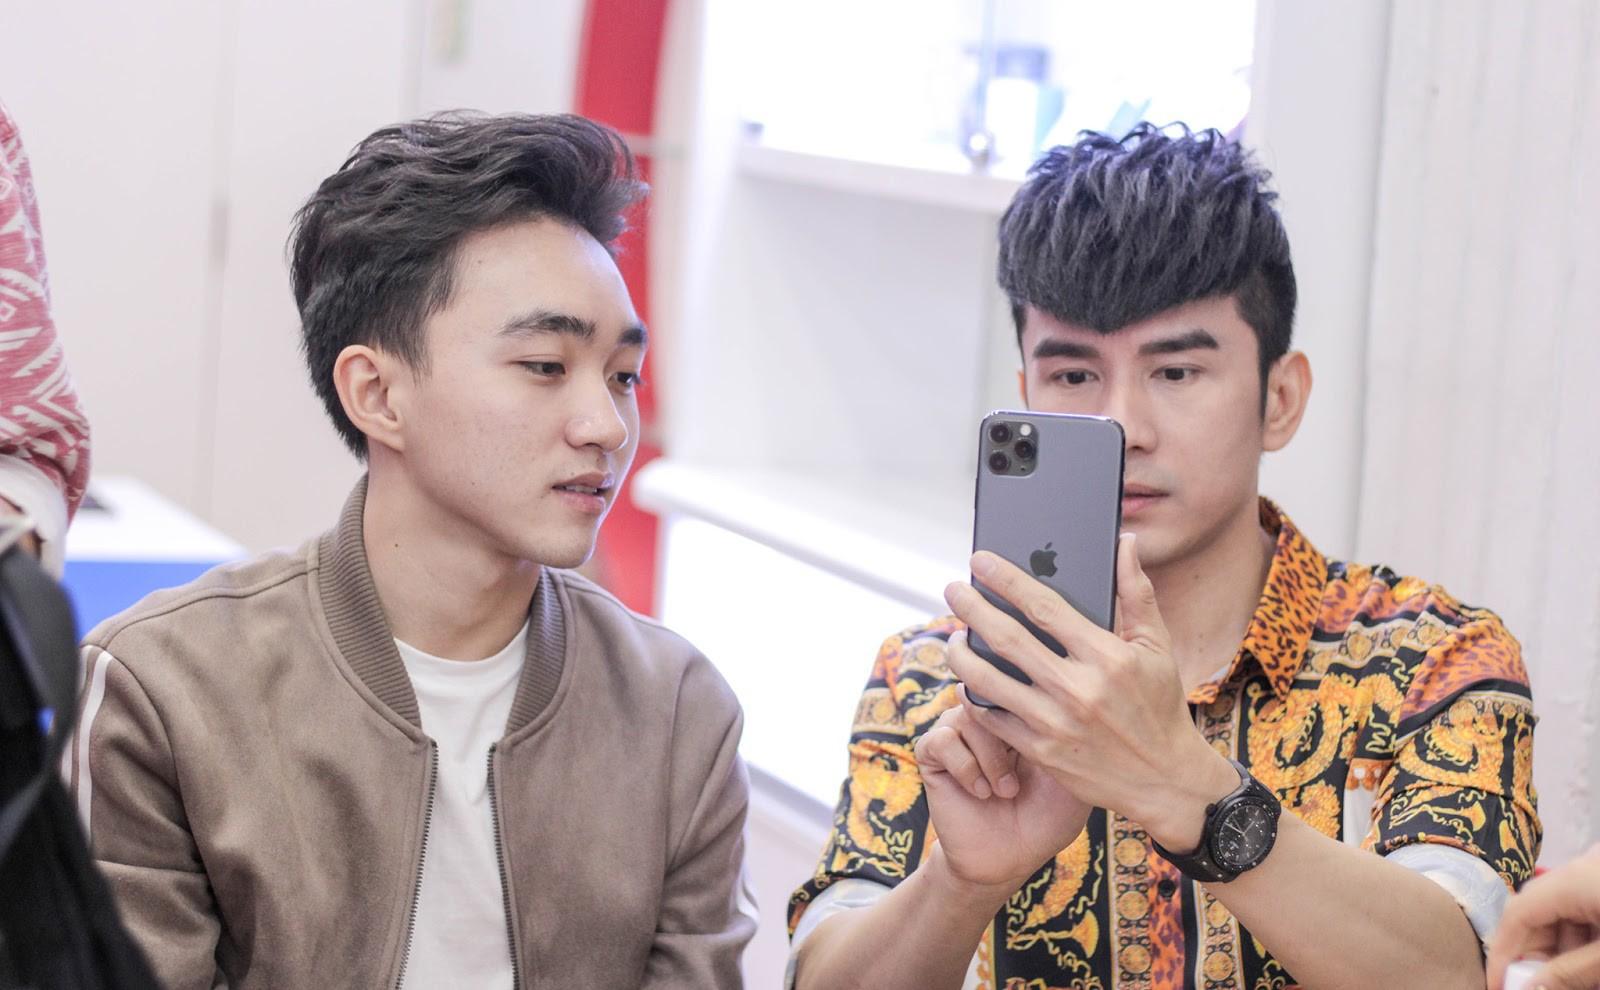 Anh Bo Đan Trường bất ngờ đến Di Động Việt để tậu iPhone 11 Pro Max - Ảnh 2.